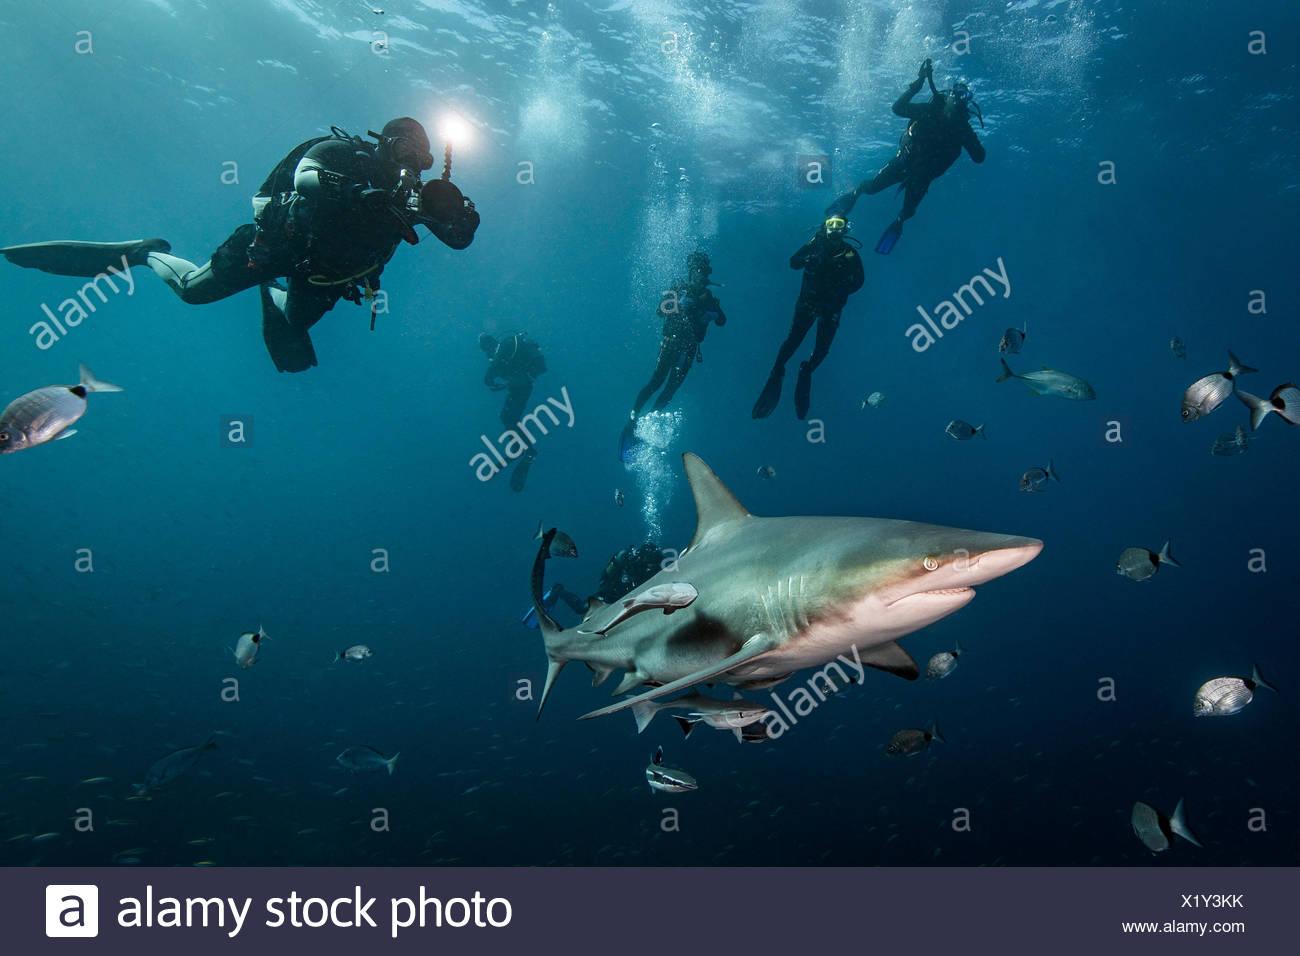 Les amateurs de plongée sous-marine' rencontre avec grande Oceanic Blacktip Shark (Carcharhinus limbatus), Afrique du Sud, d'Aliwal Shoal Photo Stock